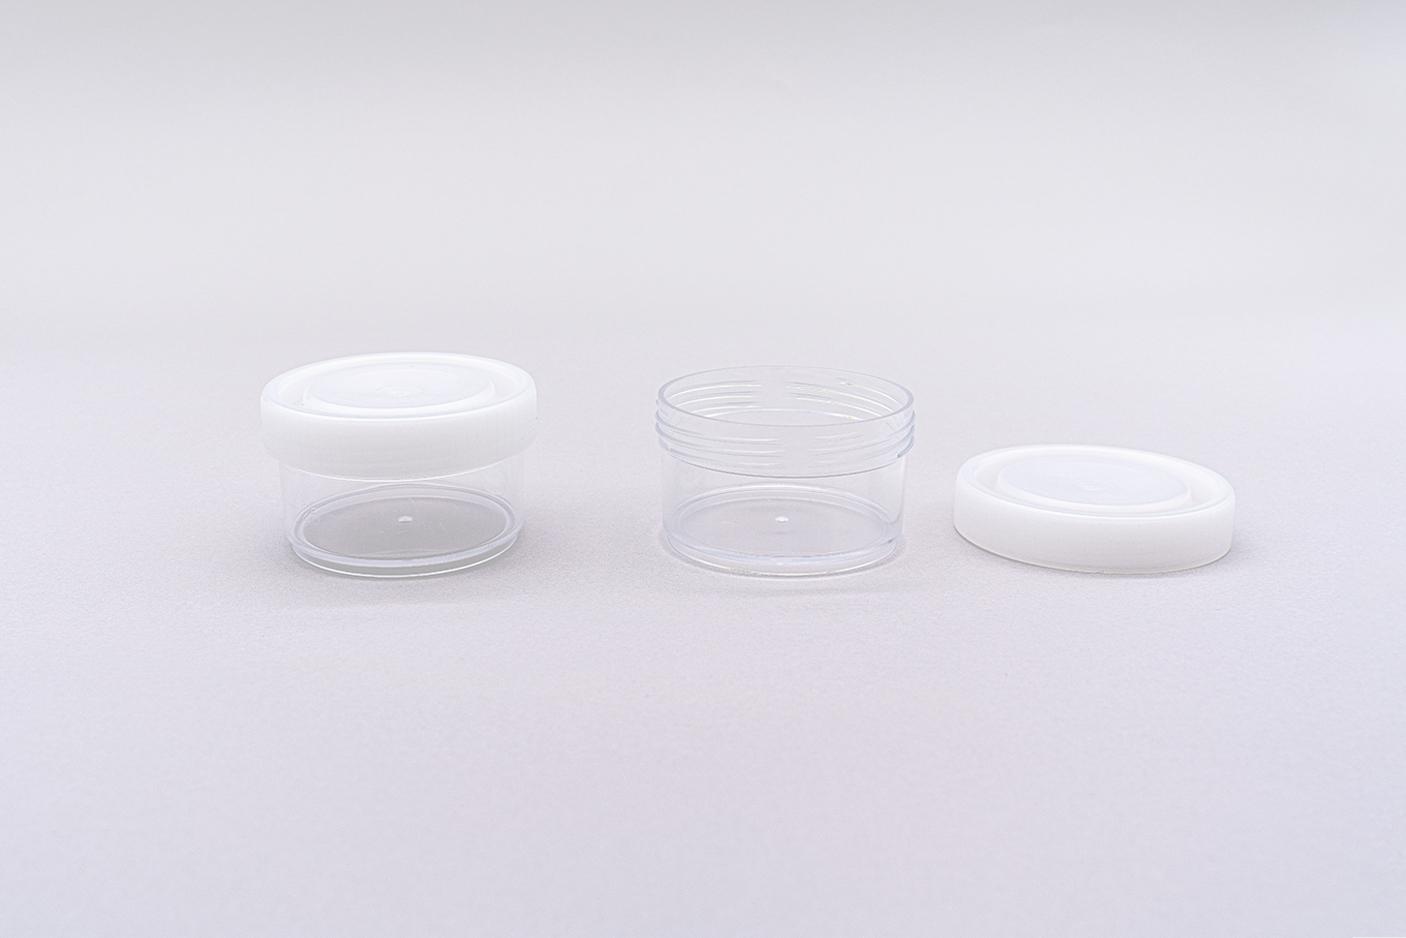 ホルマリン用容器 プラスチック 検体容器